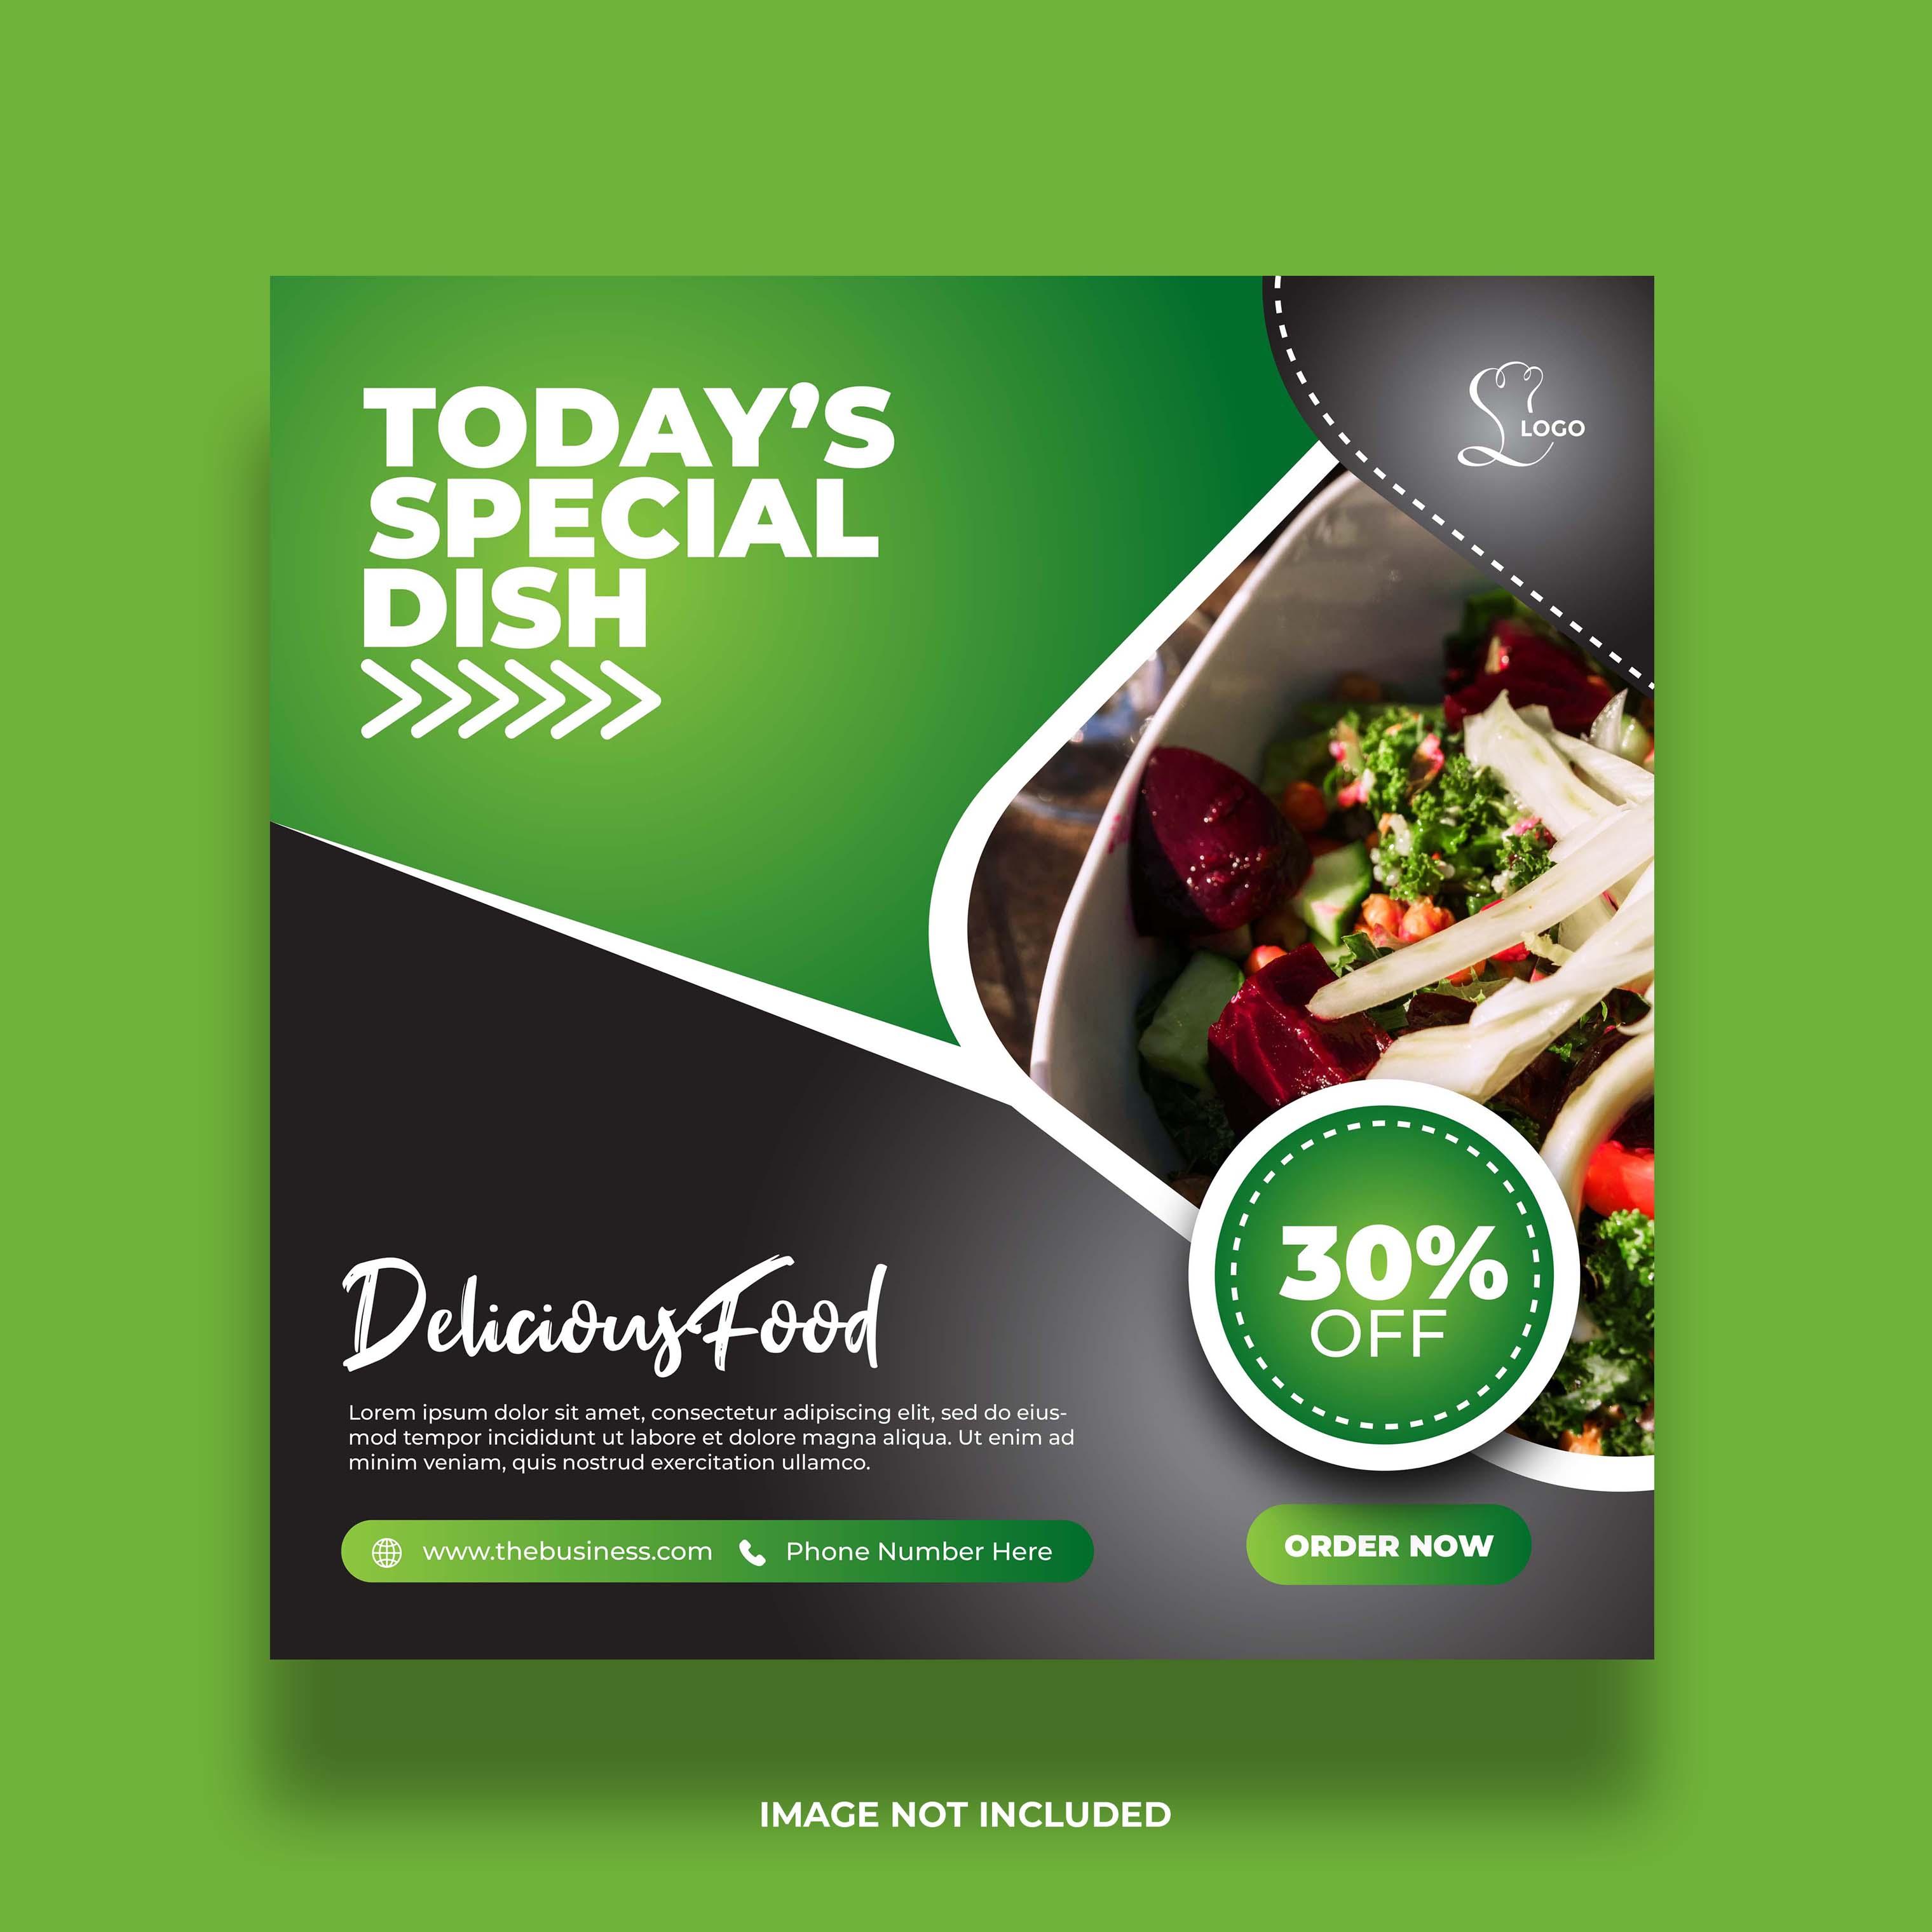 Minimal Green and Black Restaurant Social Media Banner